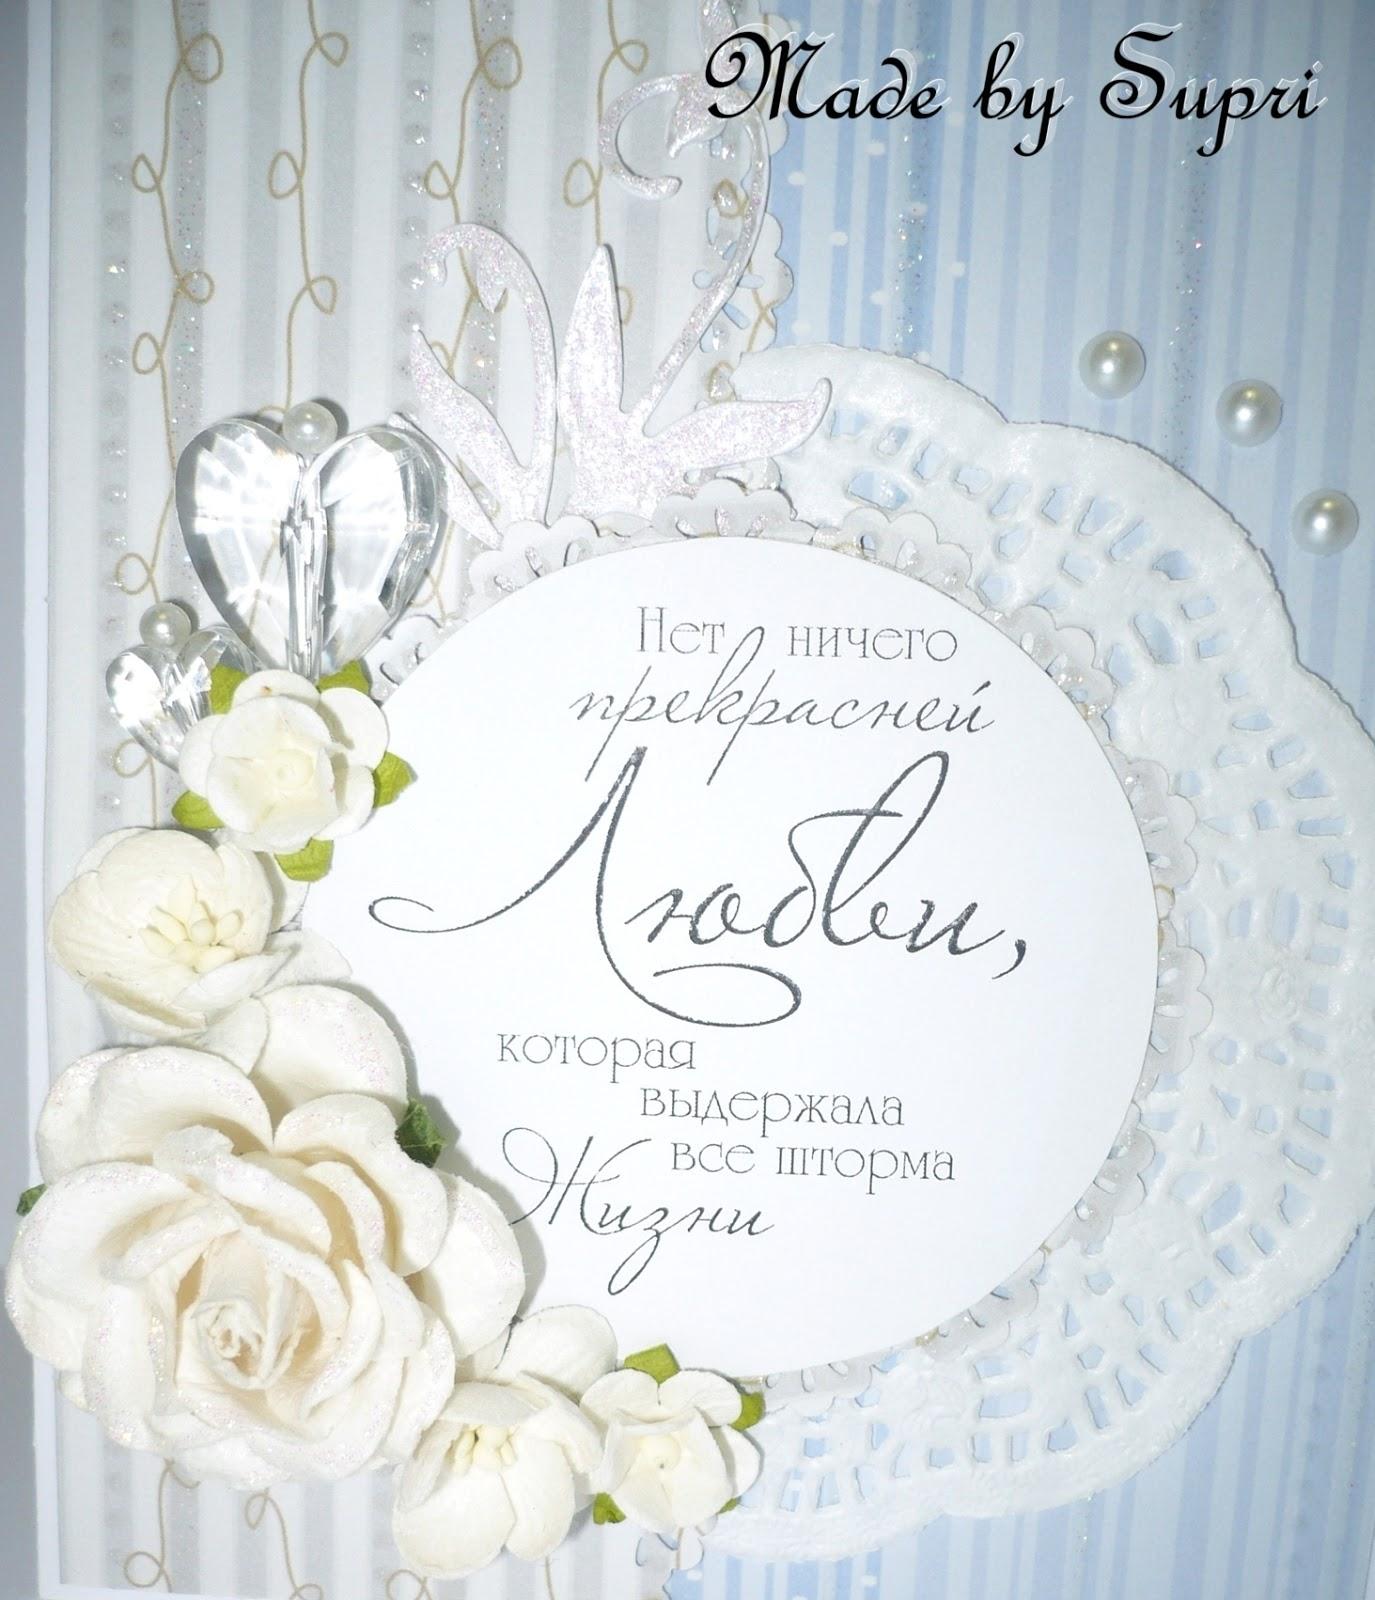 Поздравление мужу с месяцем свадьбы » Красивые слова 25